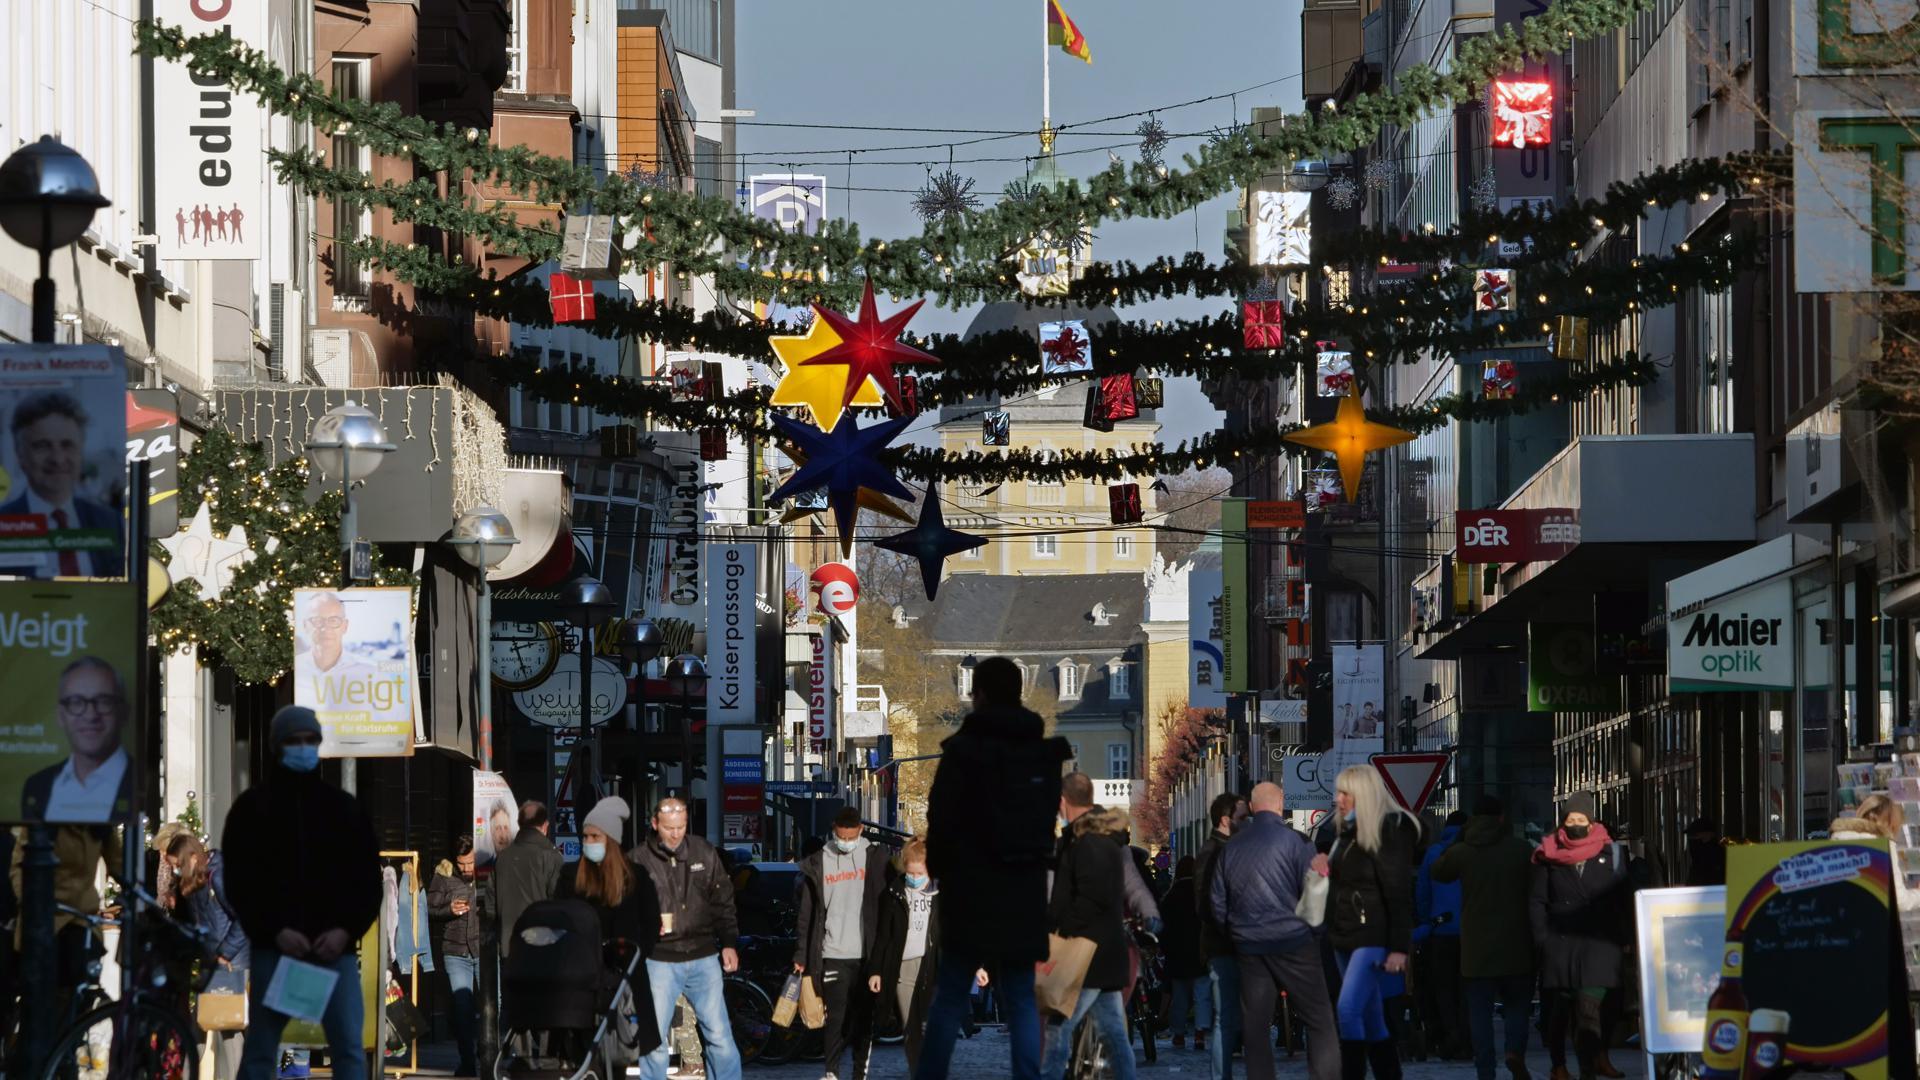 Die Weihnachtsdekoration hängt, die Kunden ziehen nach: Am ersten Adventswochenende bilden sich vor einigen Geschäften Warteschlangen. In der Innenstadt wird es stellenweise voll.